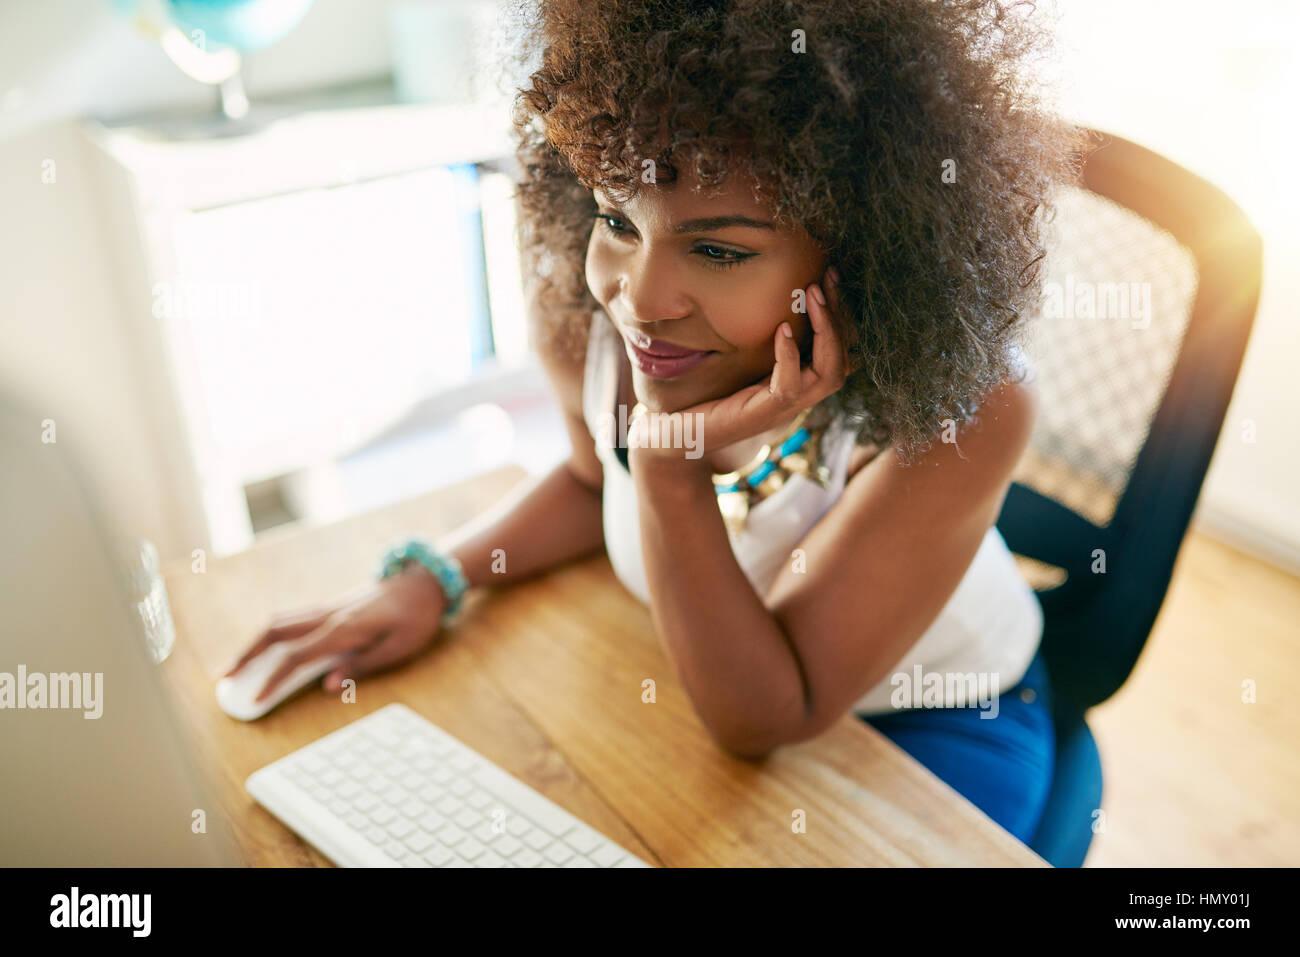 Jolie jeune fille afro-américaine travaillant sur pc et sourit à l'arrière-plan flou à l'intérieur. Photo Stock